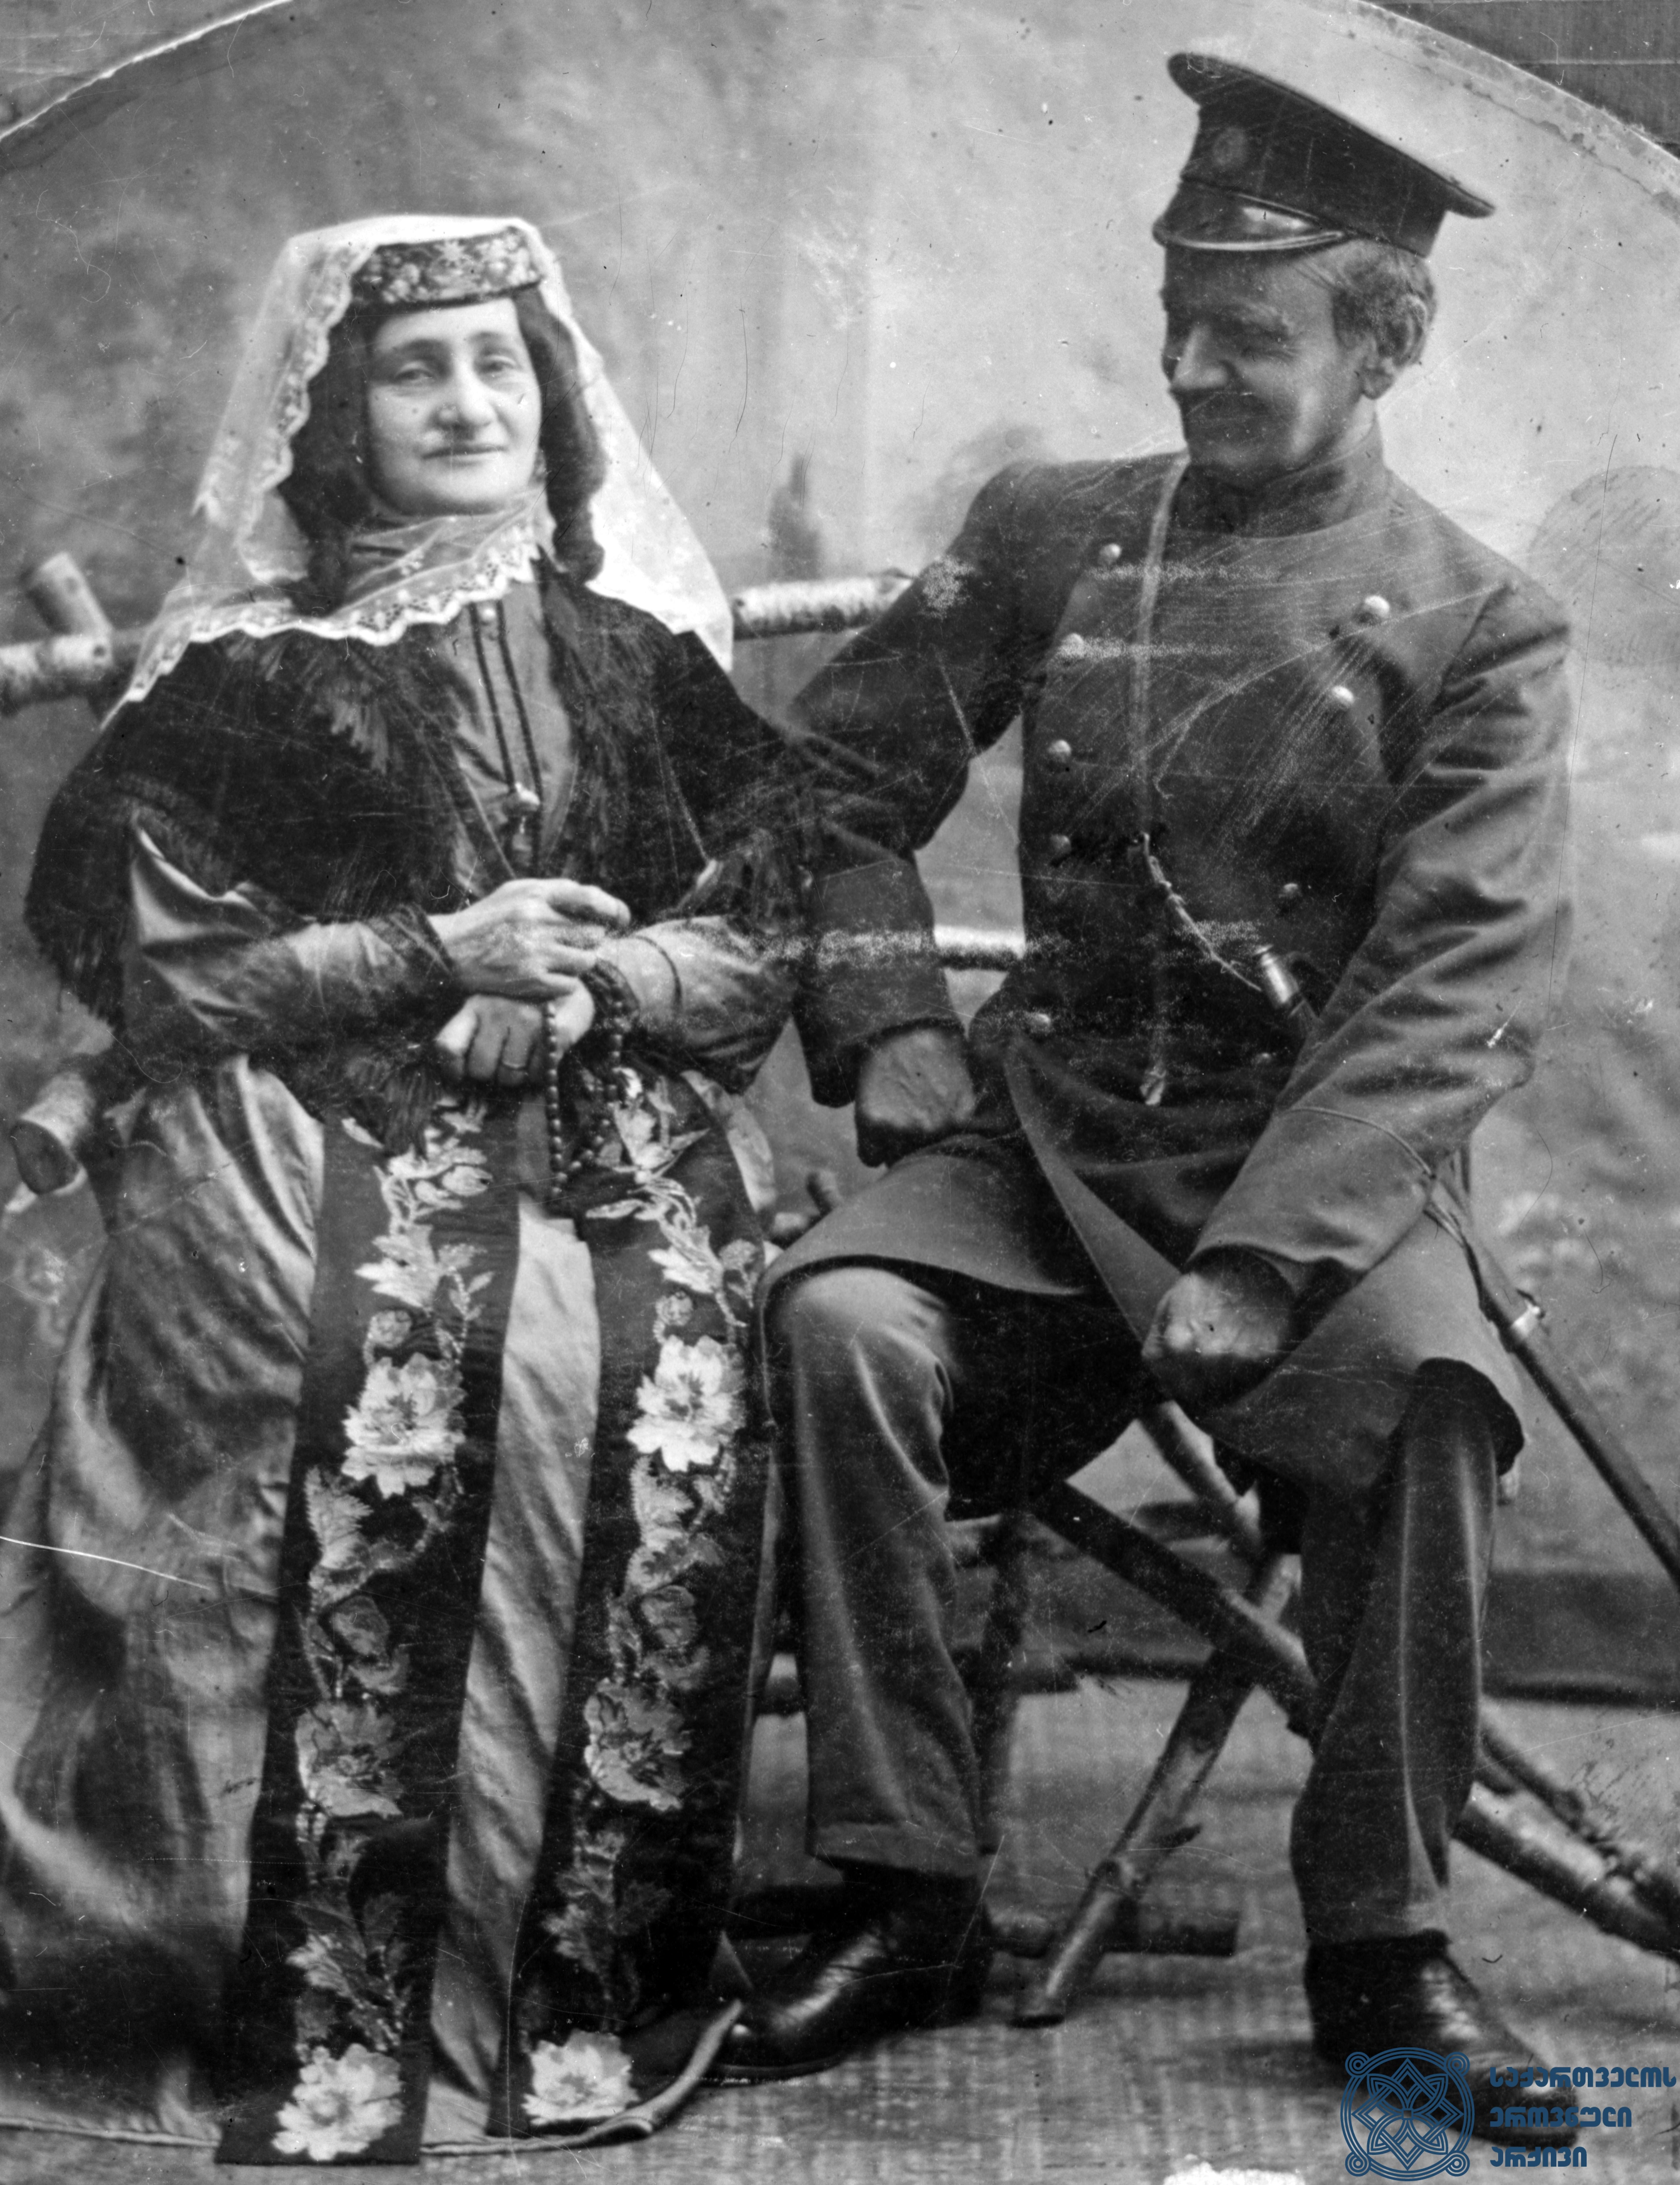 """სპექტაკლი """"რაც არ გერგება არ შეგერგება"""". <br> ბაბალე – ელისაბედ ჩერქეზიშვილი, ზაალი – ვასო აბაშიძე.<br> 1880-იანი წლები. <br> The performance """"Rats Ar Gergeba Ar Shegergeba"""". <br> Elisabeth Cherkezishvili as Babale, Vaso Abashidze as Zaali.<br> 1880s."""